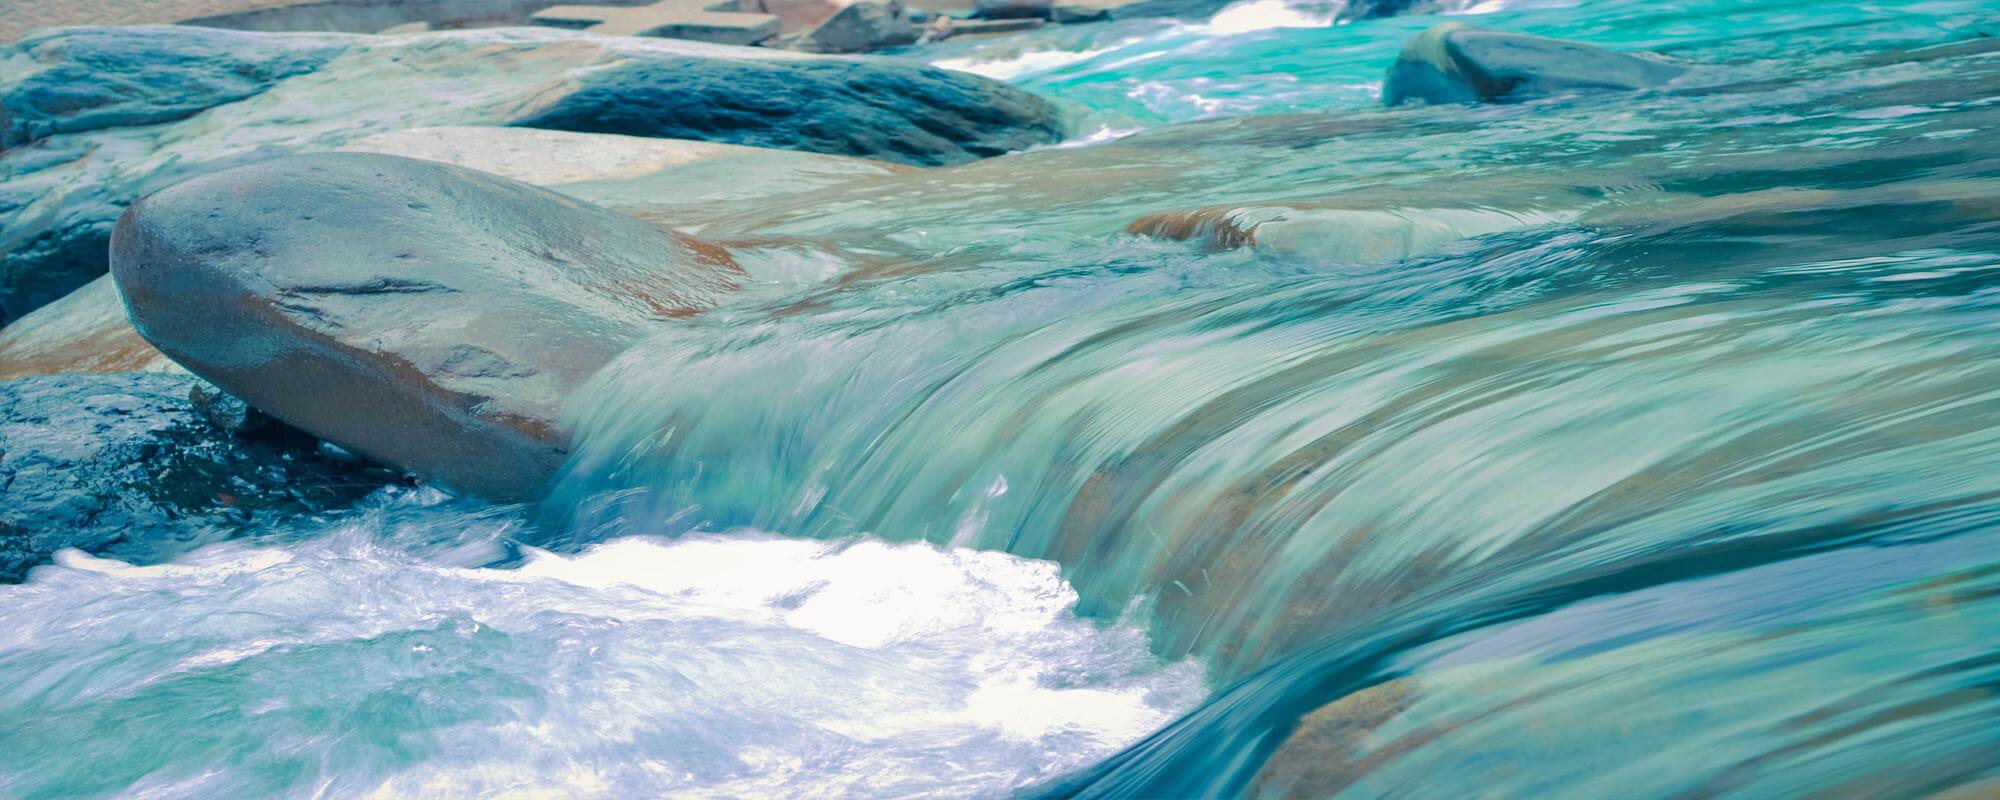 Moving with the waves להתנועע עם הגלים